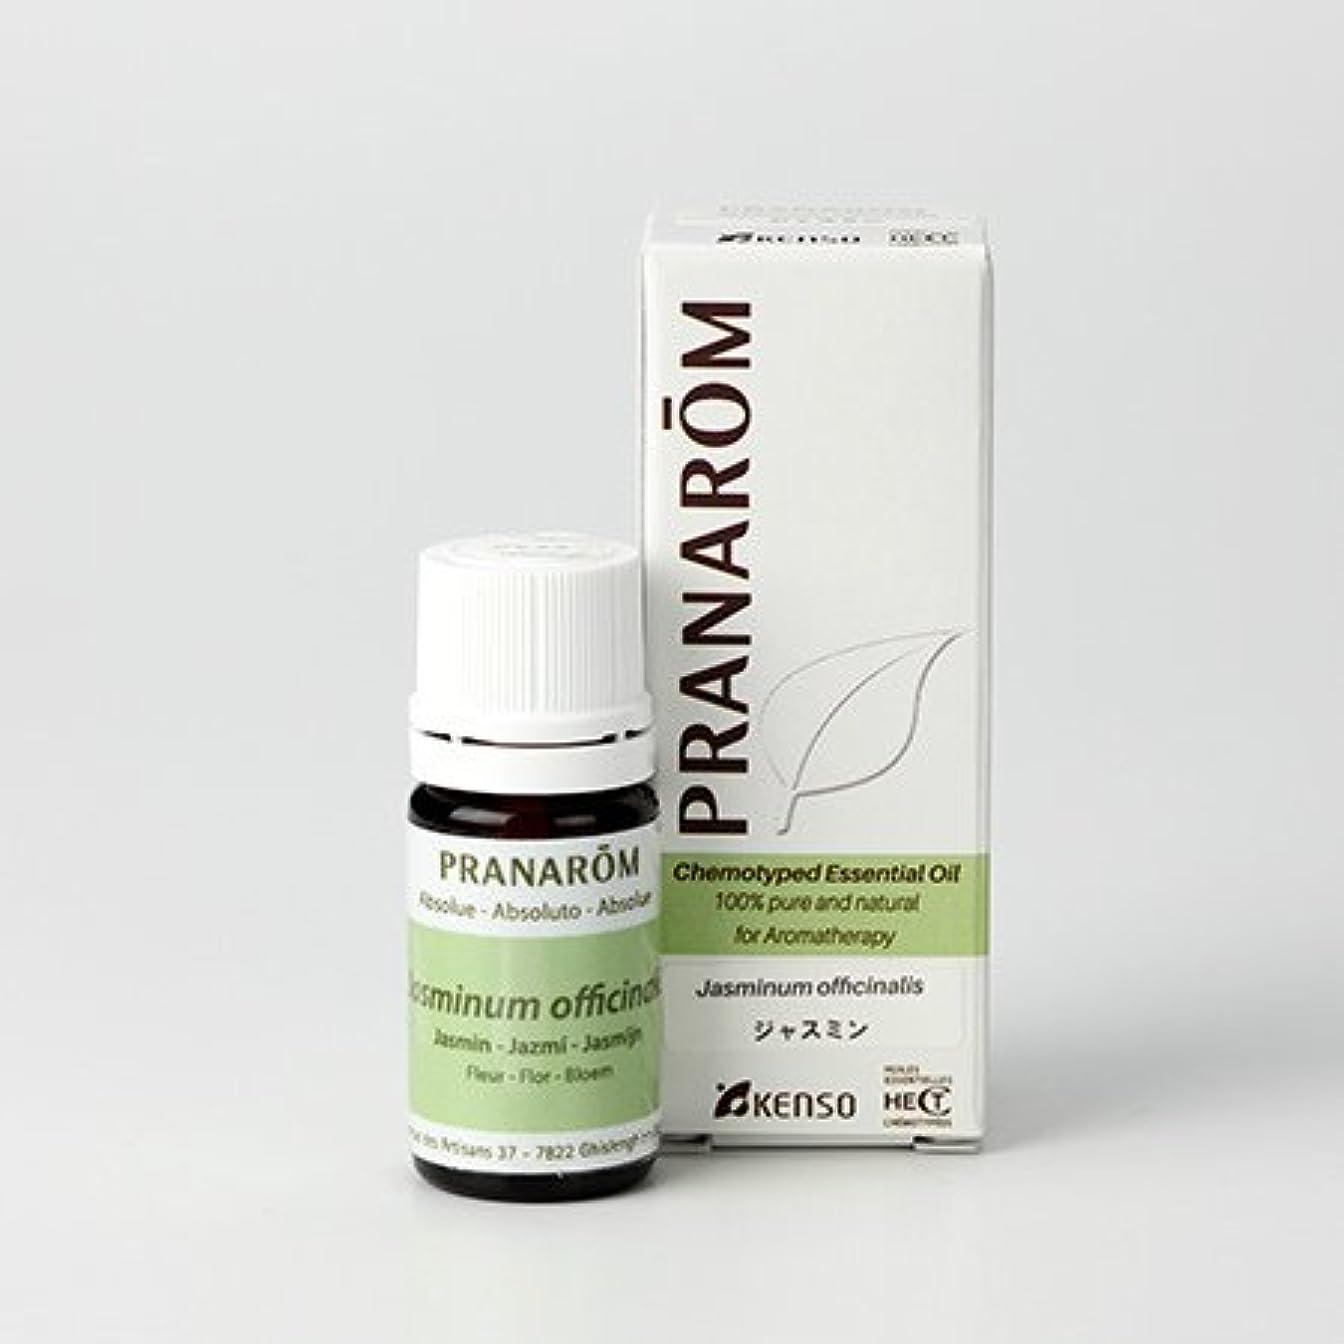 土砂降り真っ逆さま接尾辞プラナロム ジャスミンAbs. 5ml (PRANAROM ケモタイプ精油)